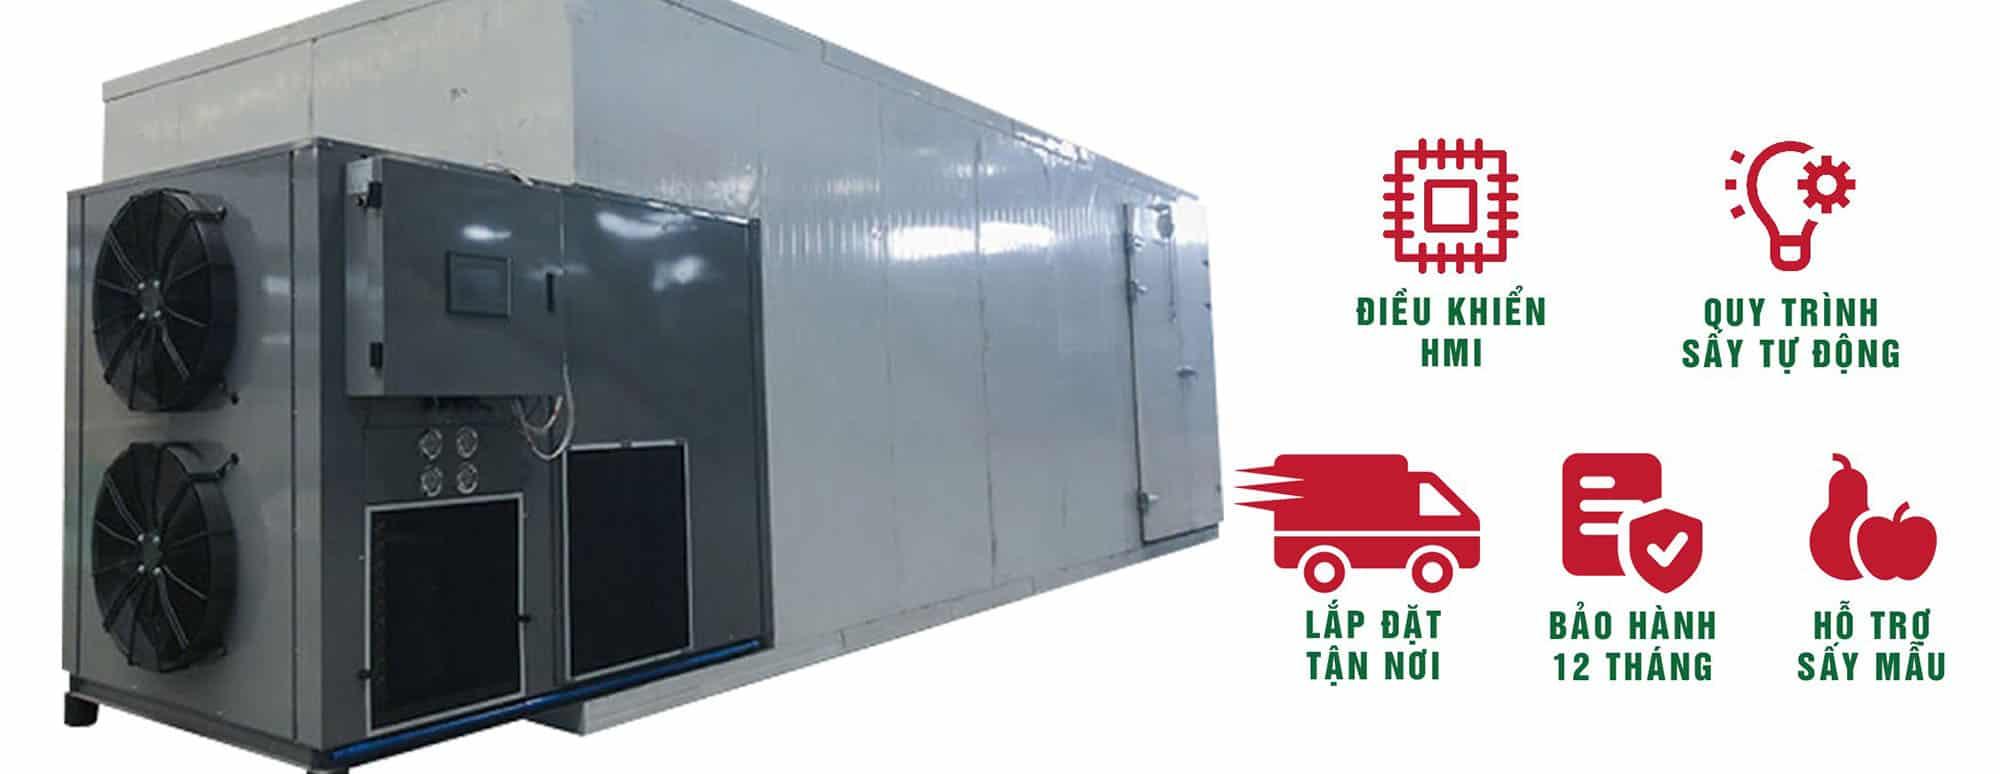 Máy sấy lạnh công nghiệp SUNSAY